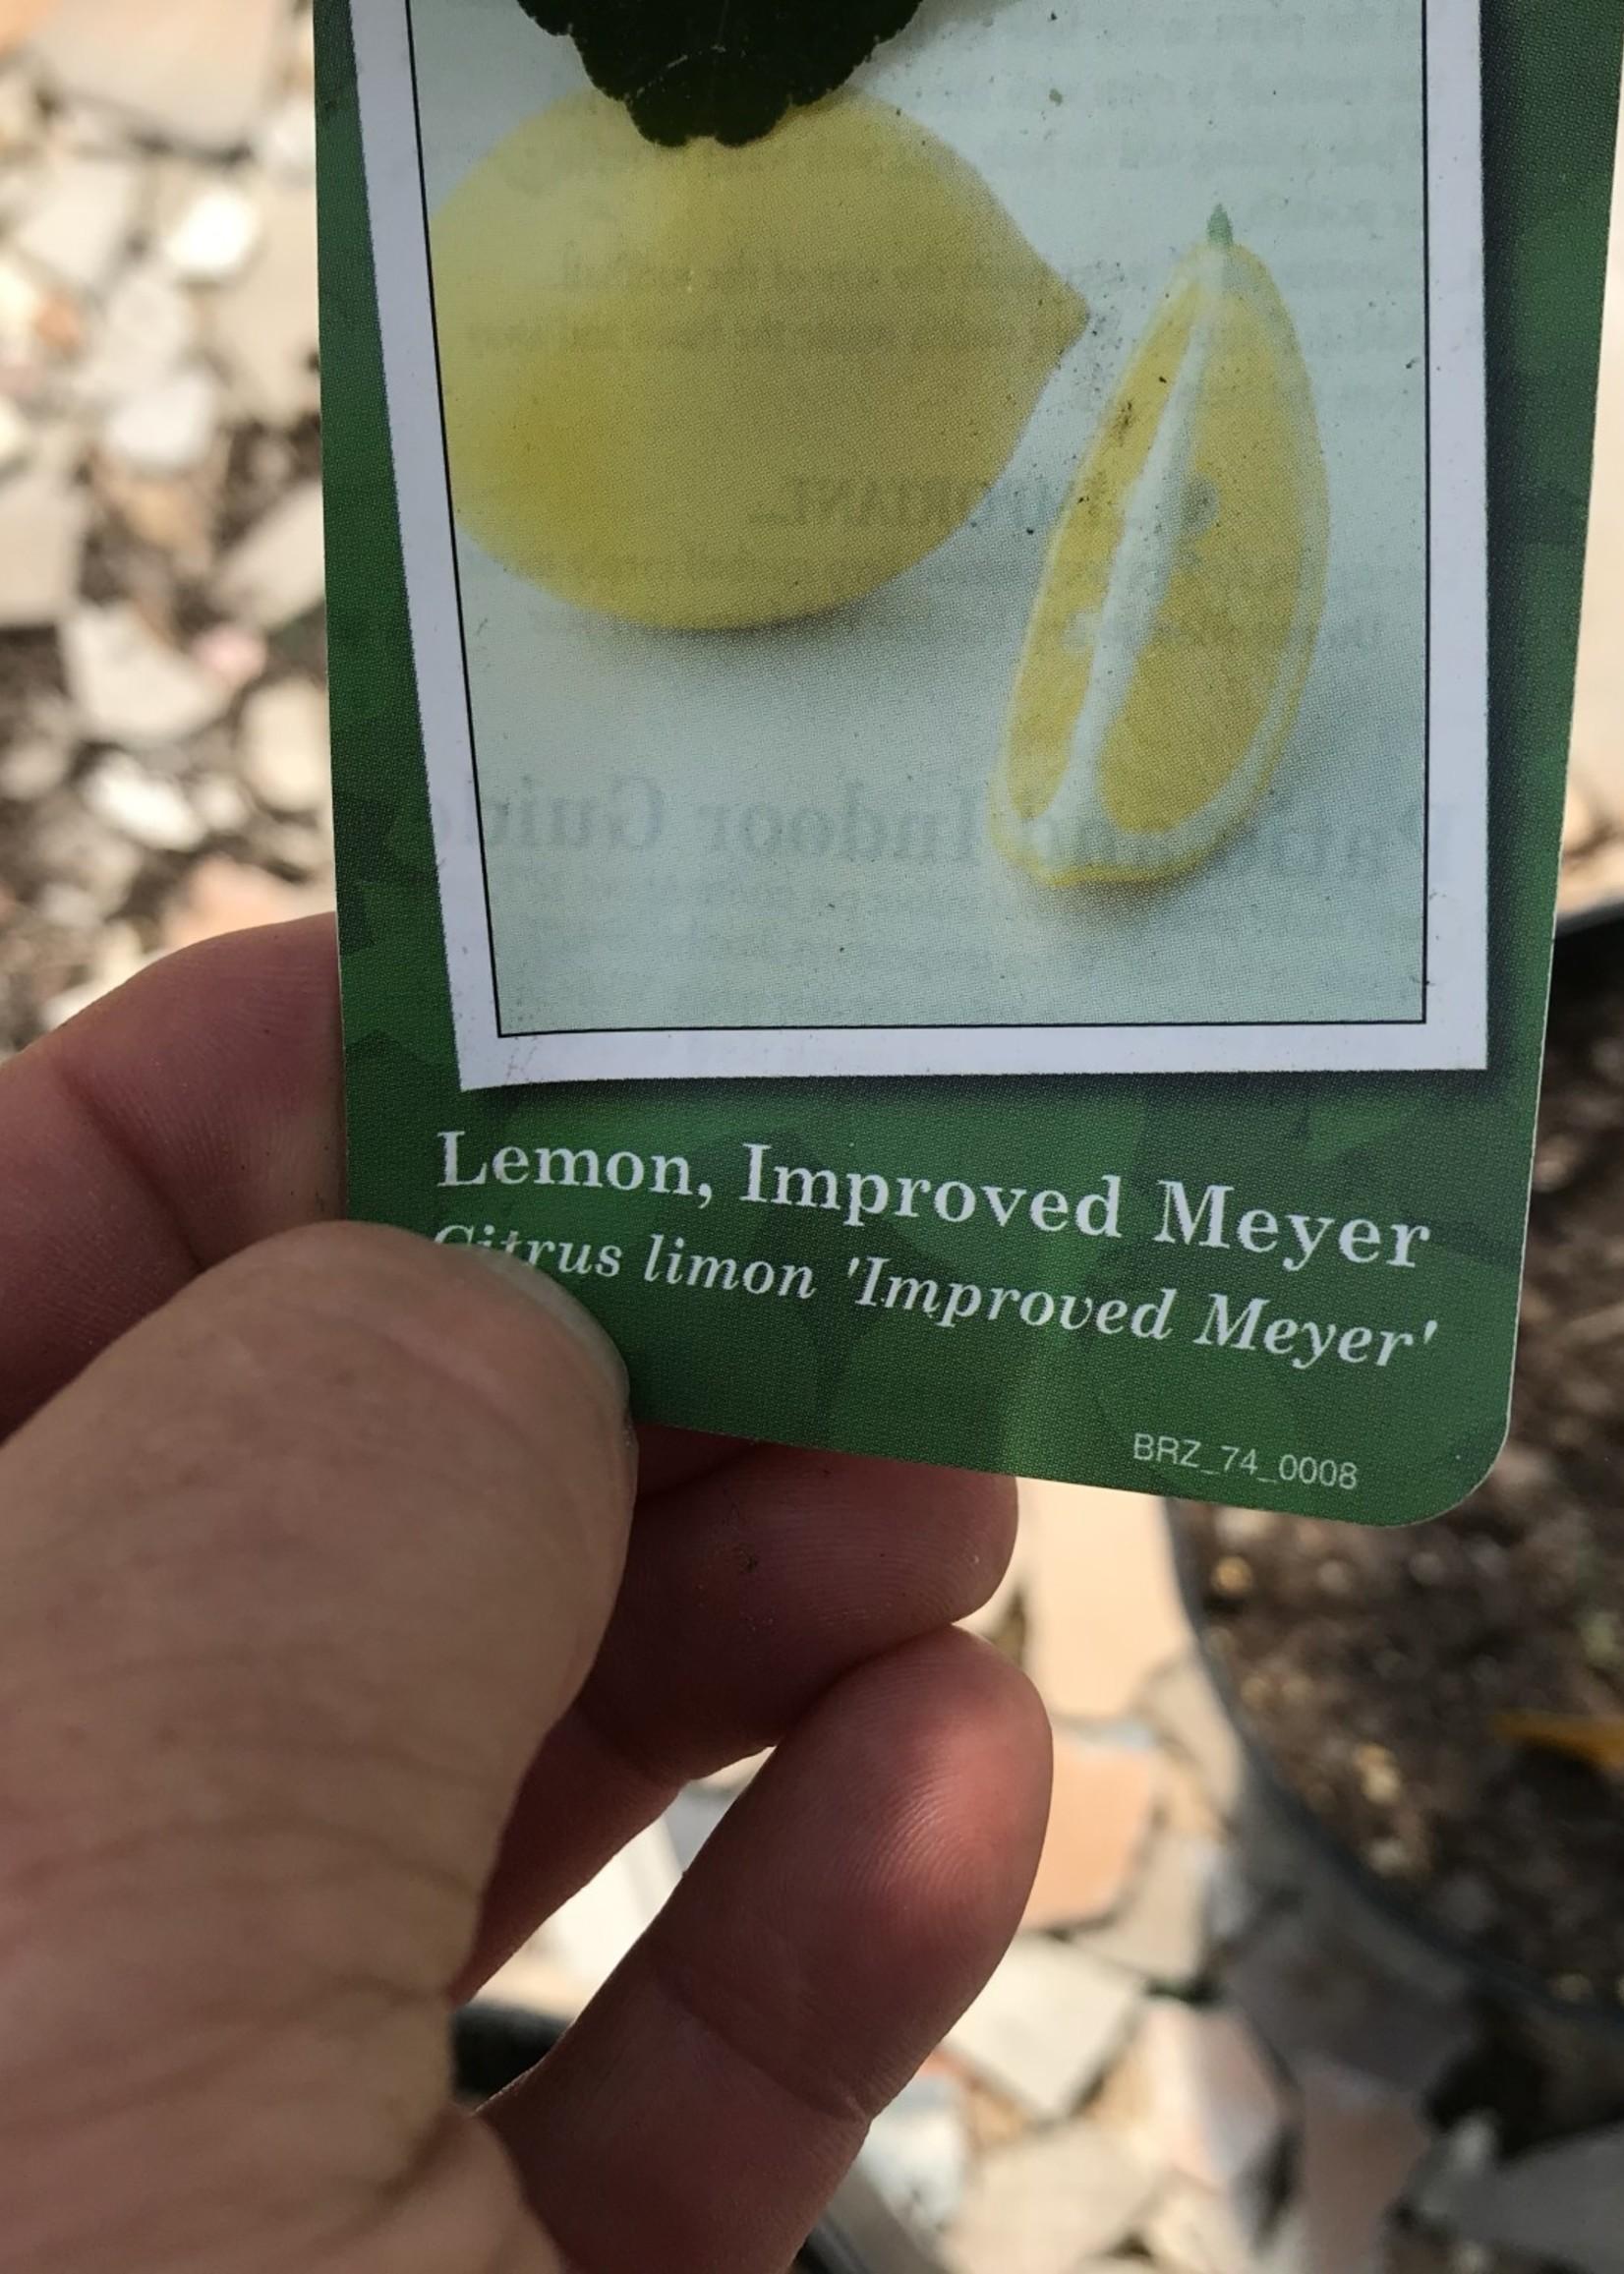 FRUIT TREE, CITRUS, IMP. 'MEYER LEMON' 3G